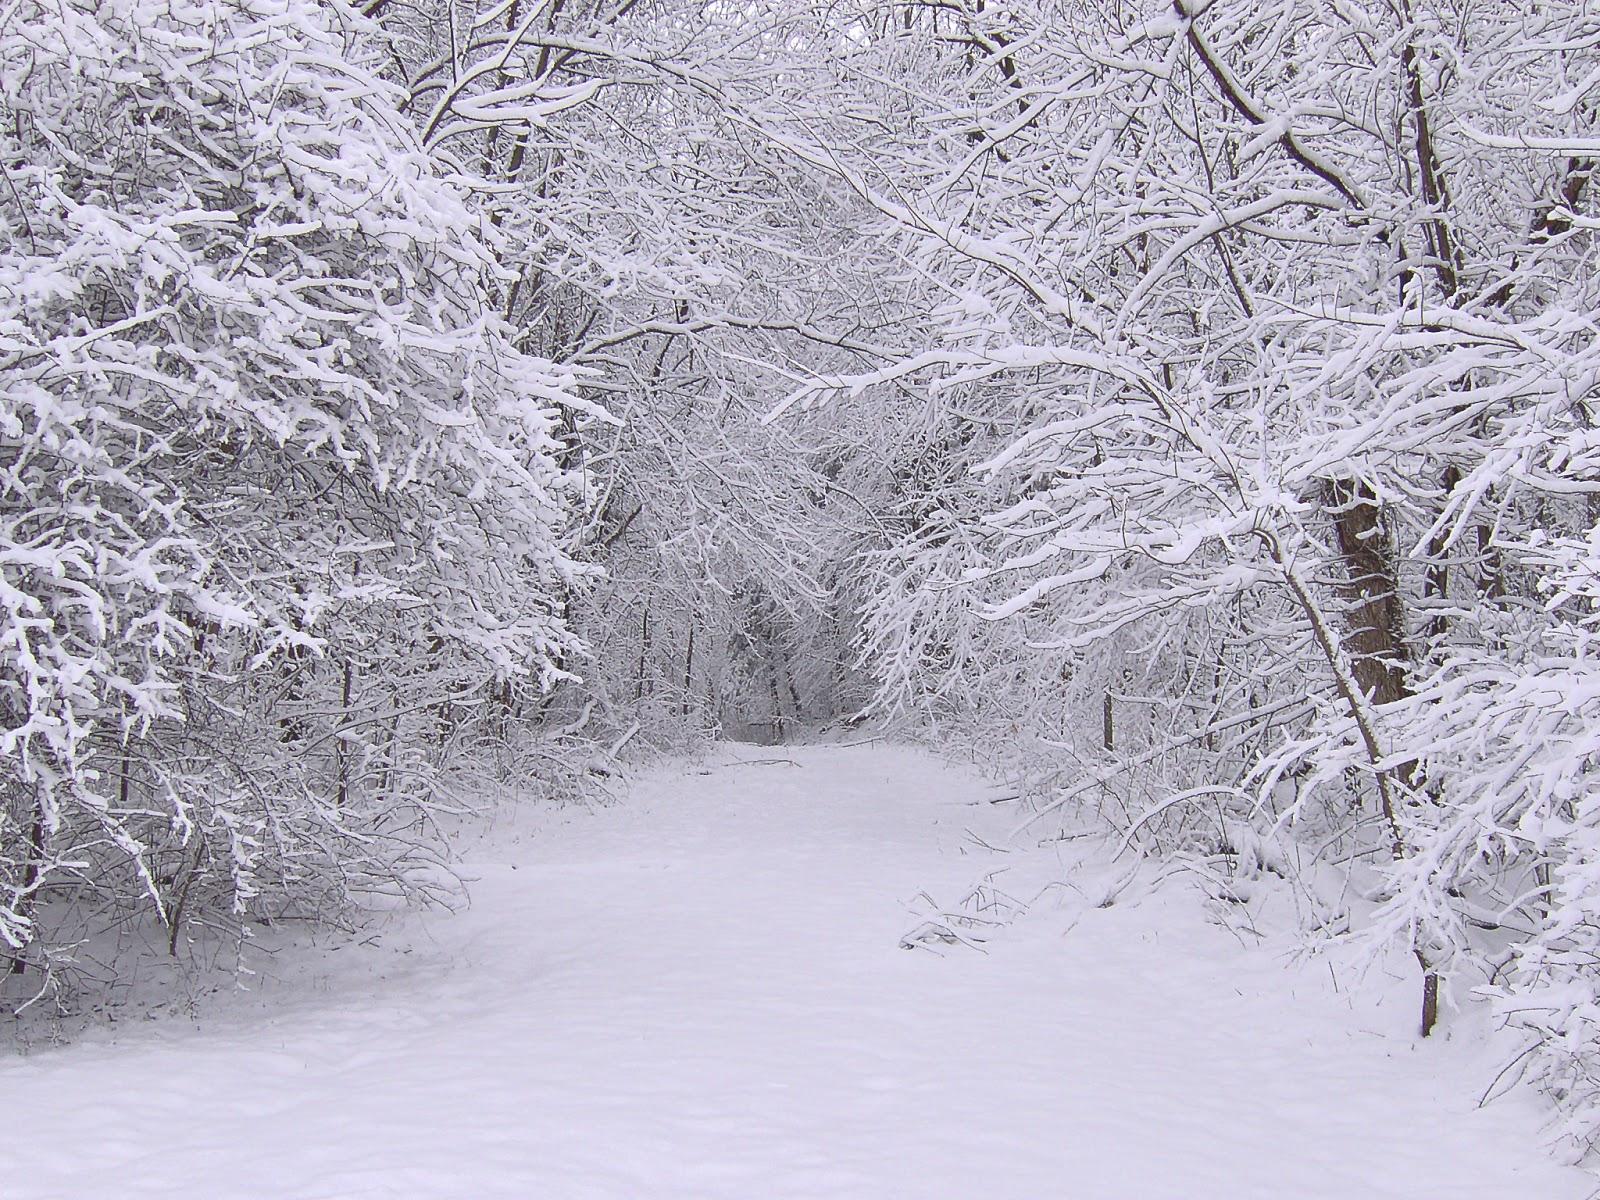 Winter Snow Scenes for Desktop Background